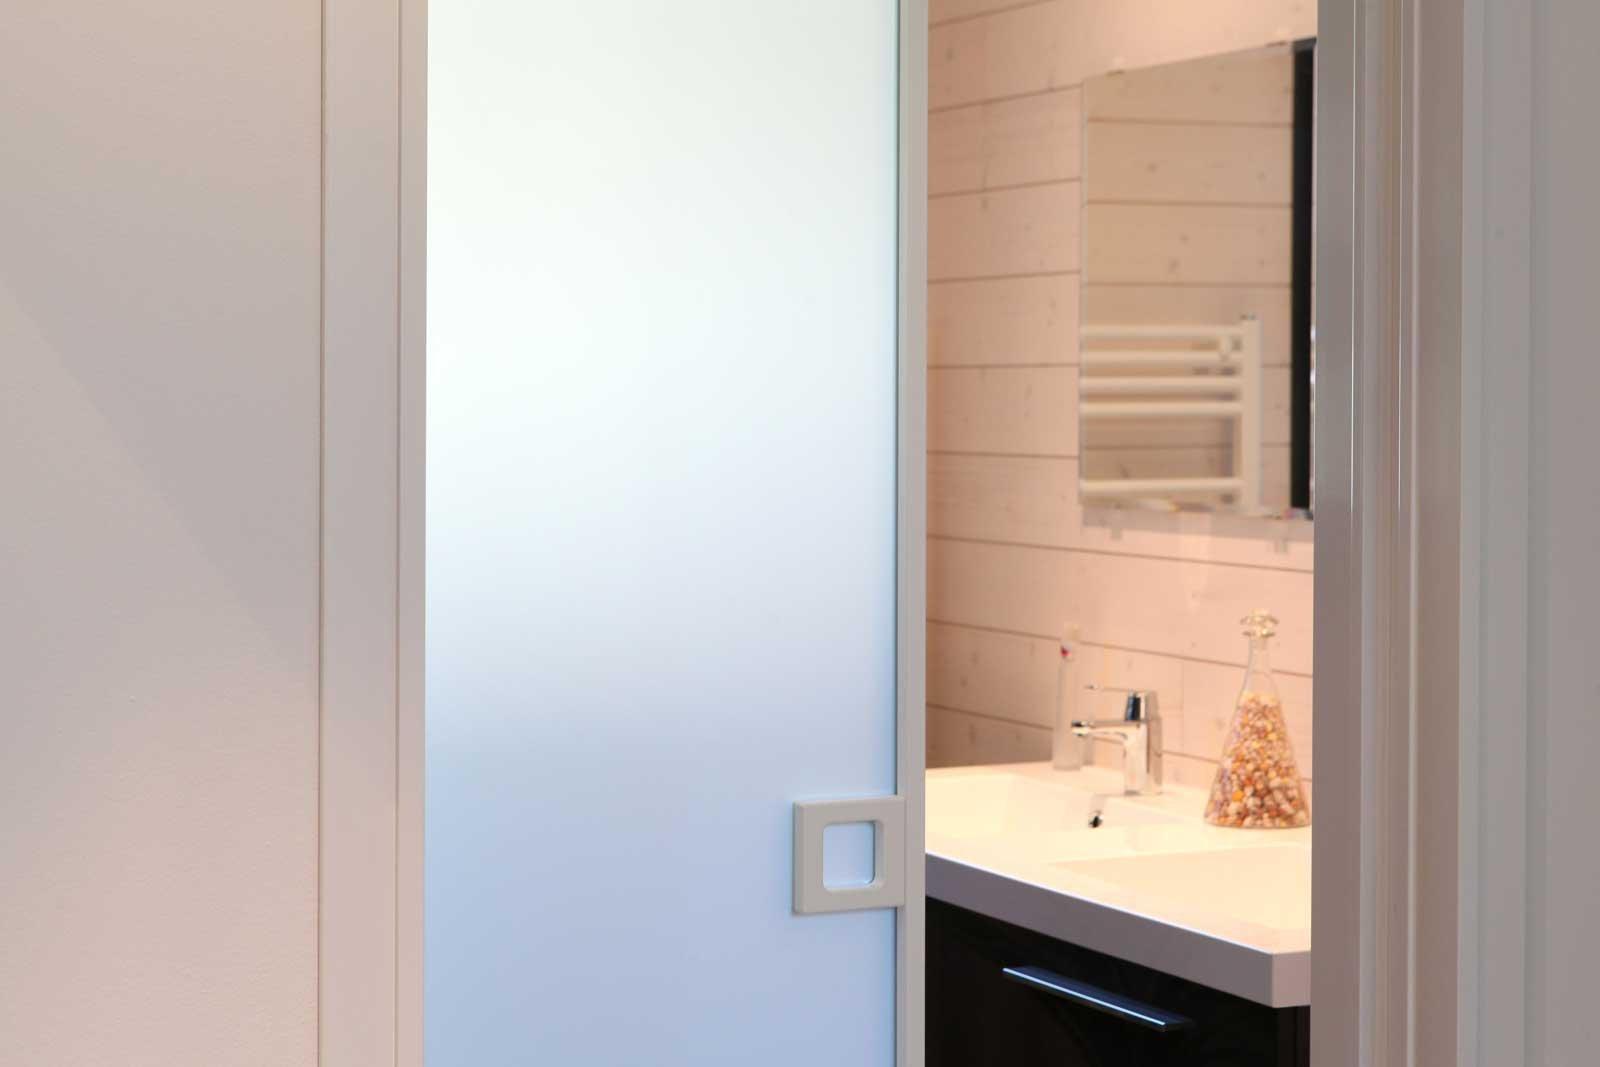 Porta scorrevole vetro esterna bricoman - Porta scorrevole esterna vetro ...